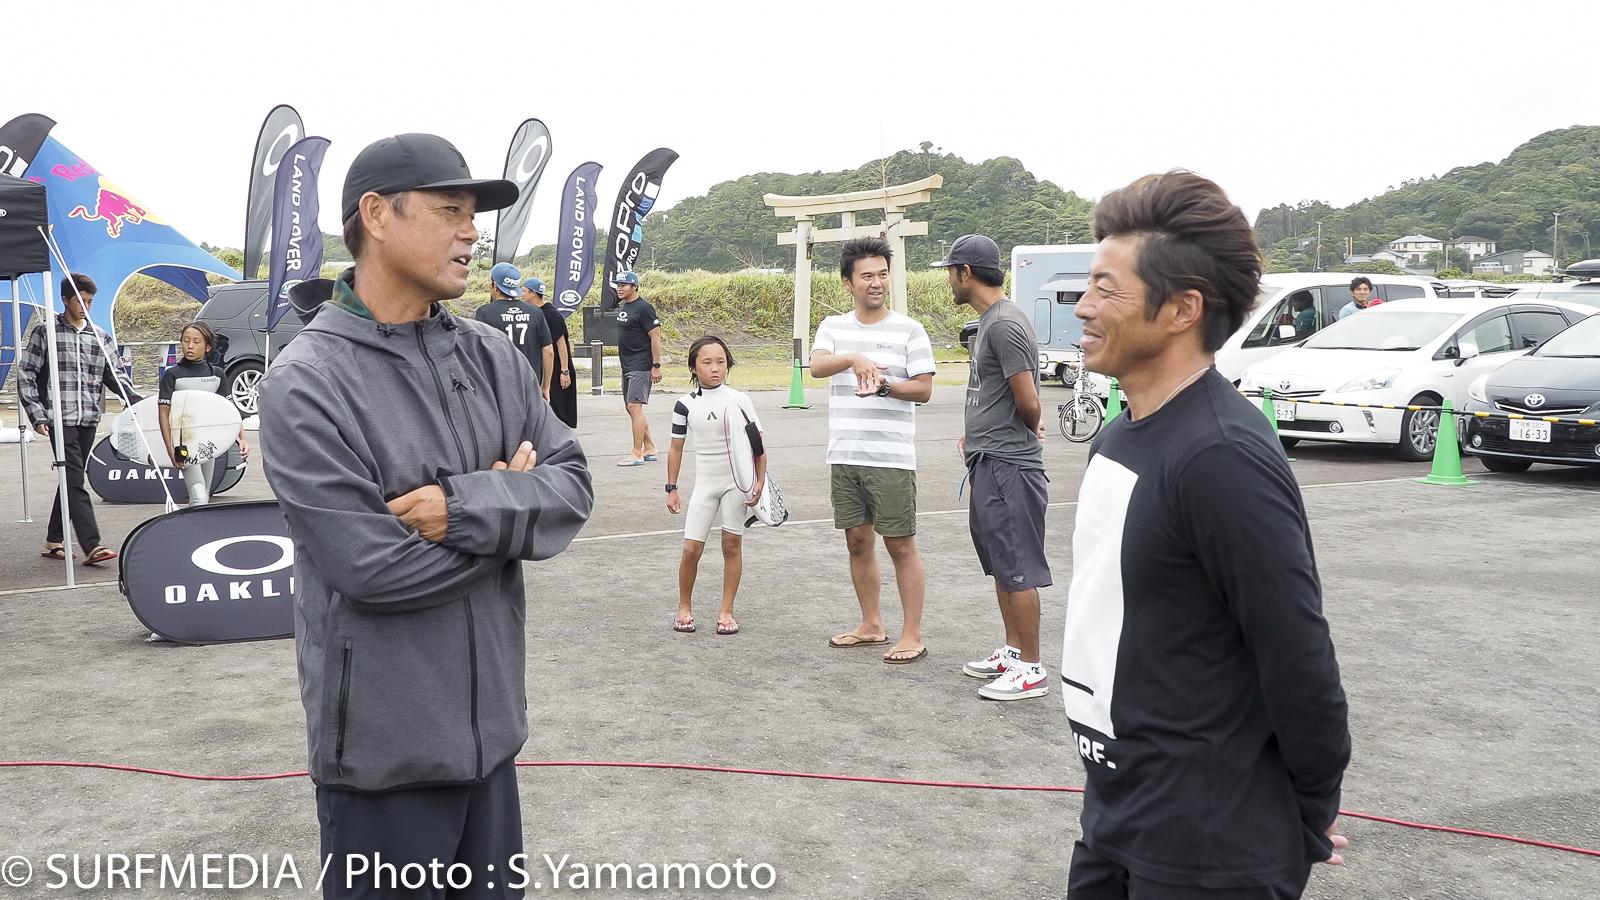 会場には糟谷修自、小川直久プロの姿も。直久プロの息子さんも出場